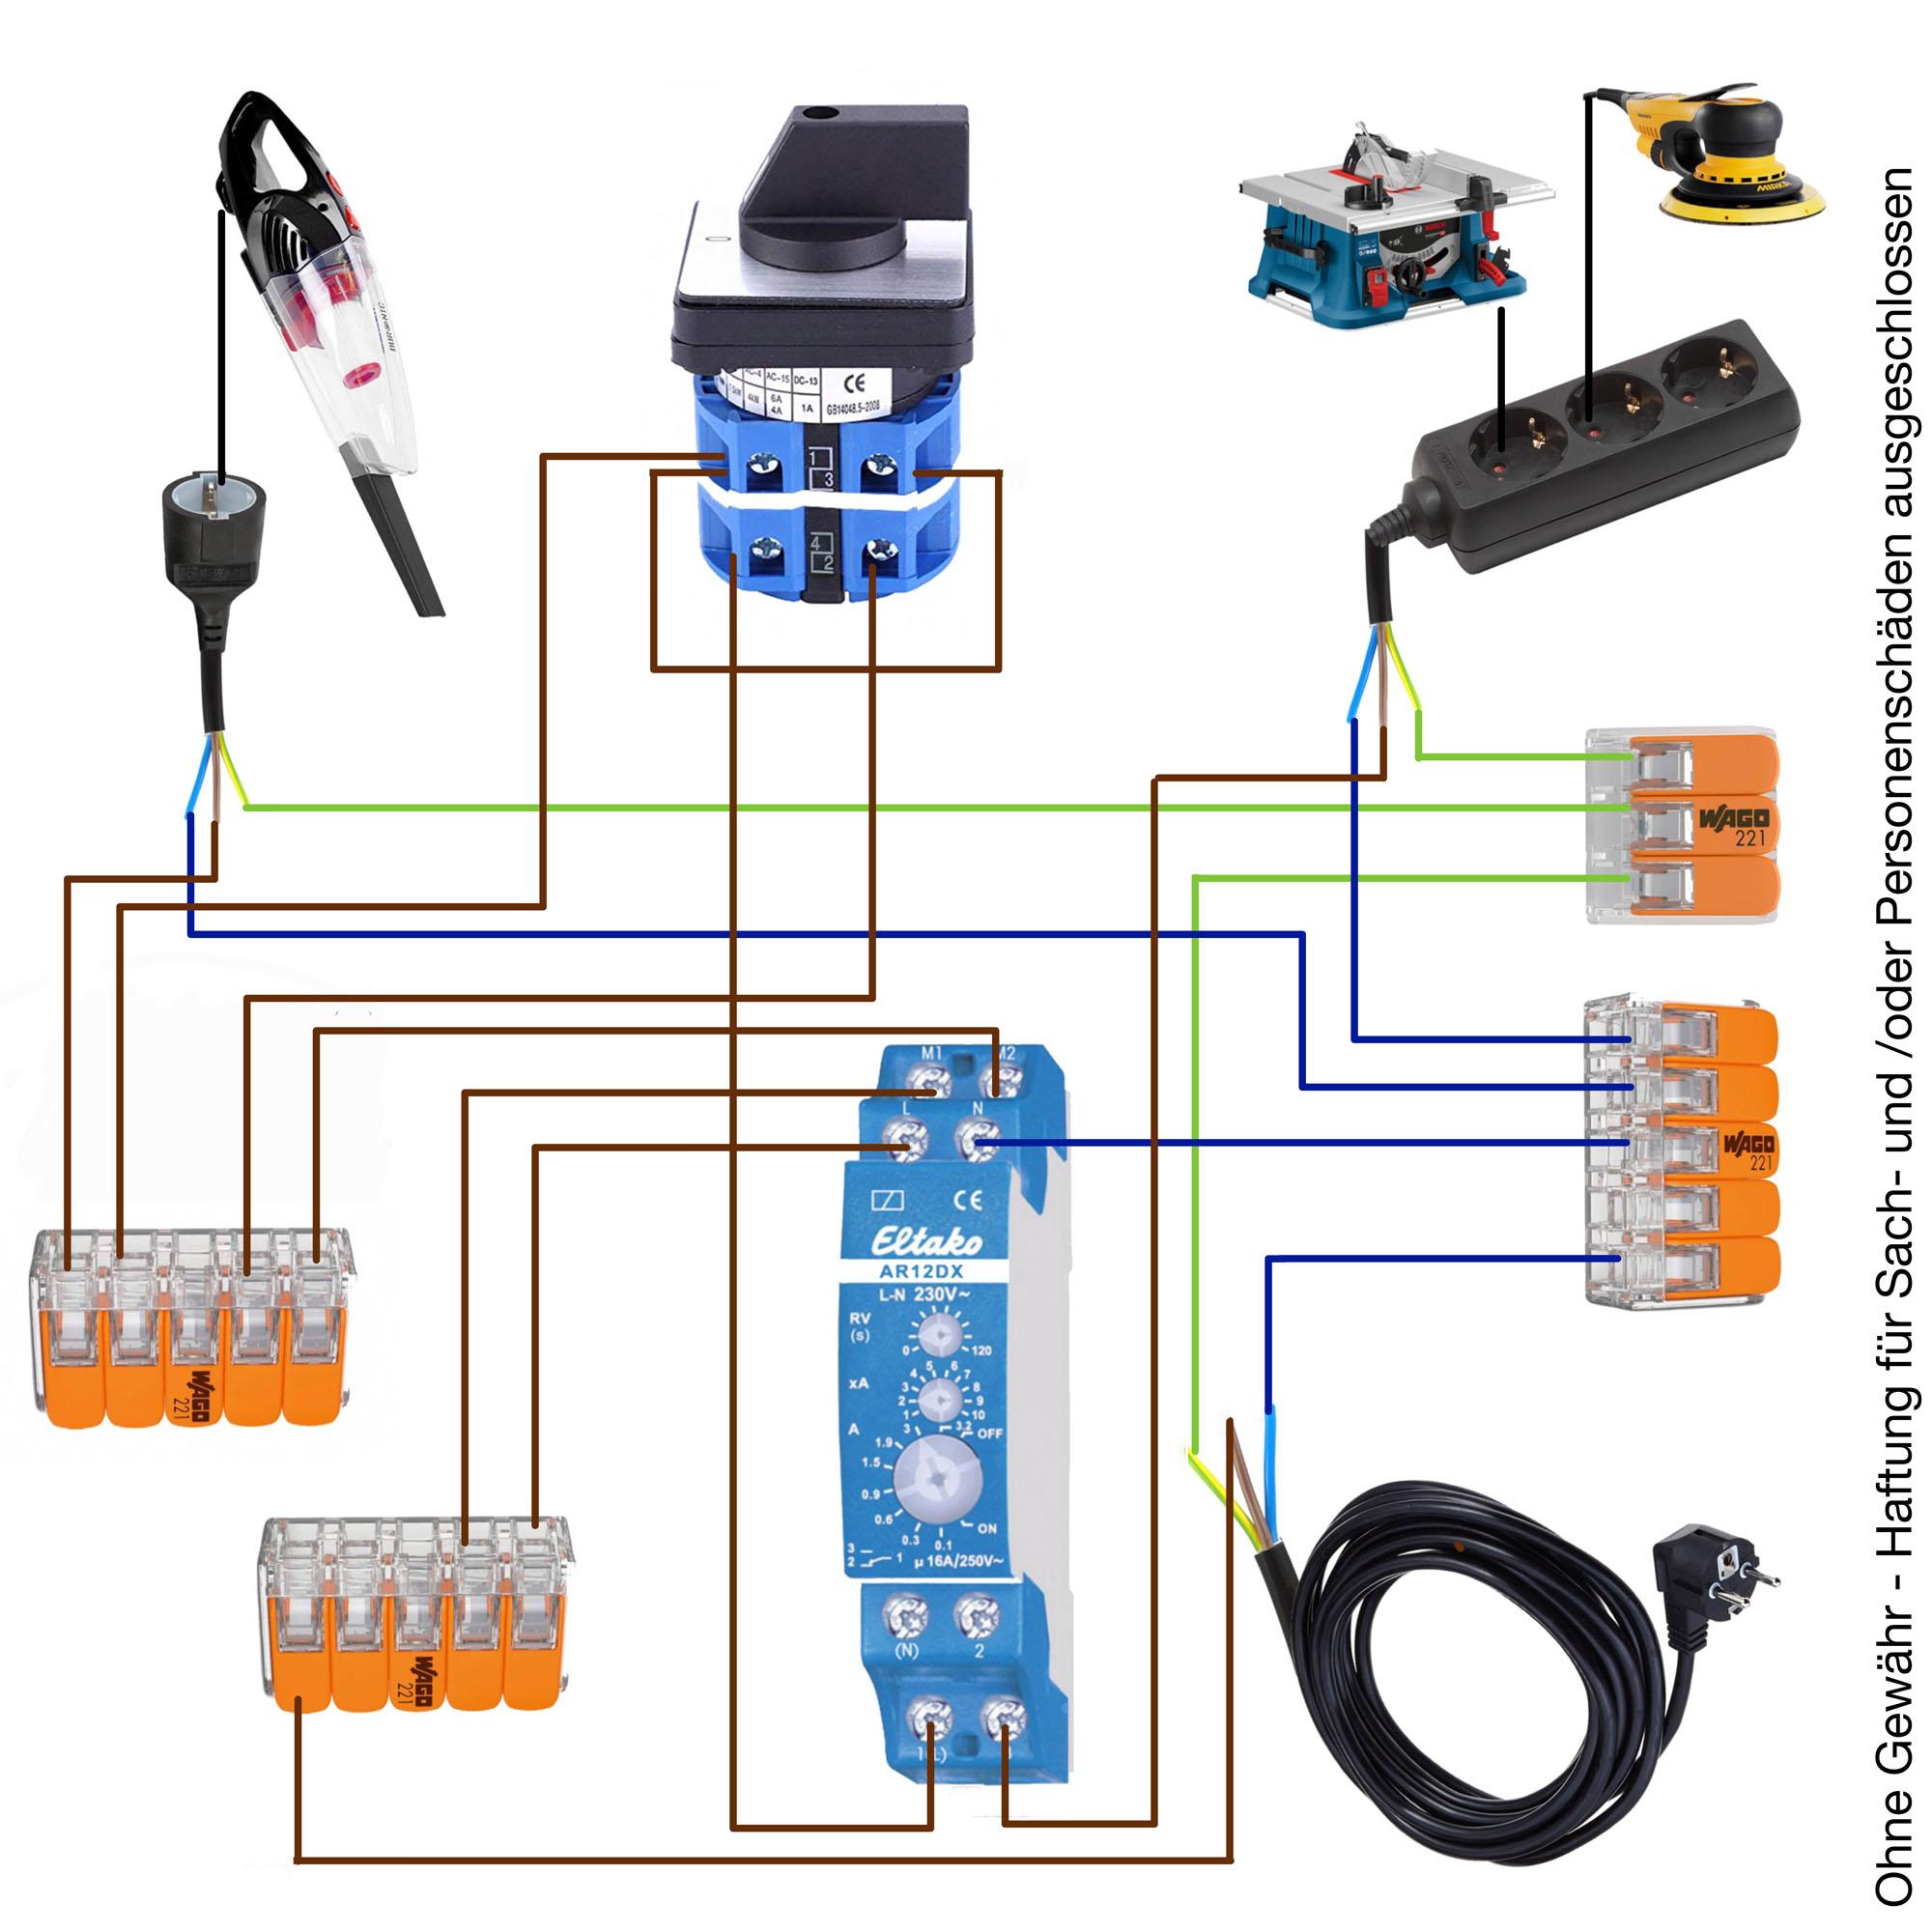 Zeichnung Schaltplan Einschaltautomatik mit Eltako AR12DX und Nockenschalter, Drehschalter, Wechselschalter